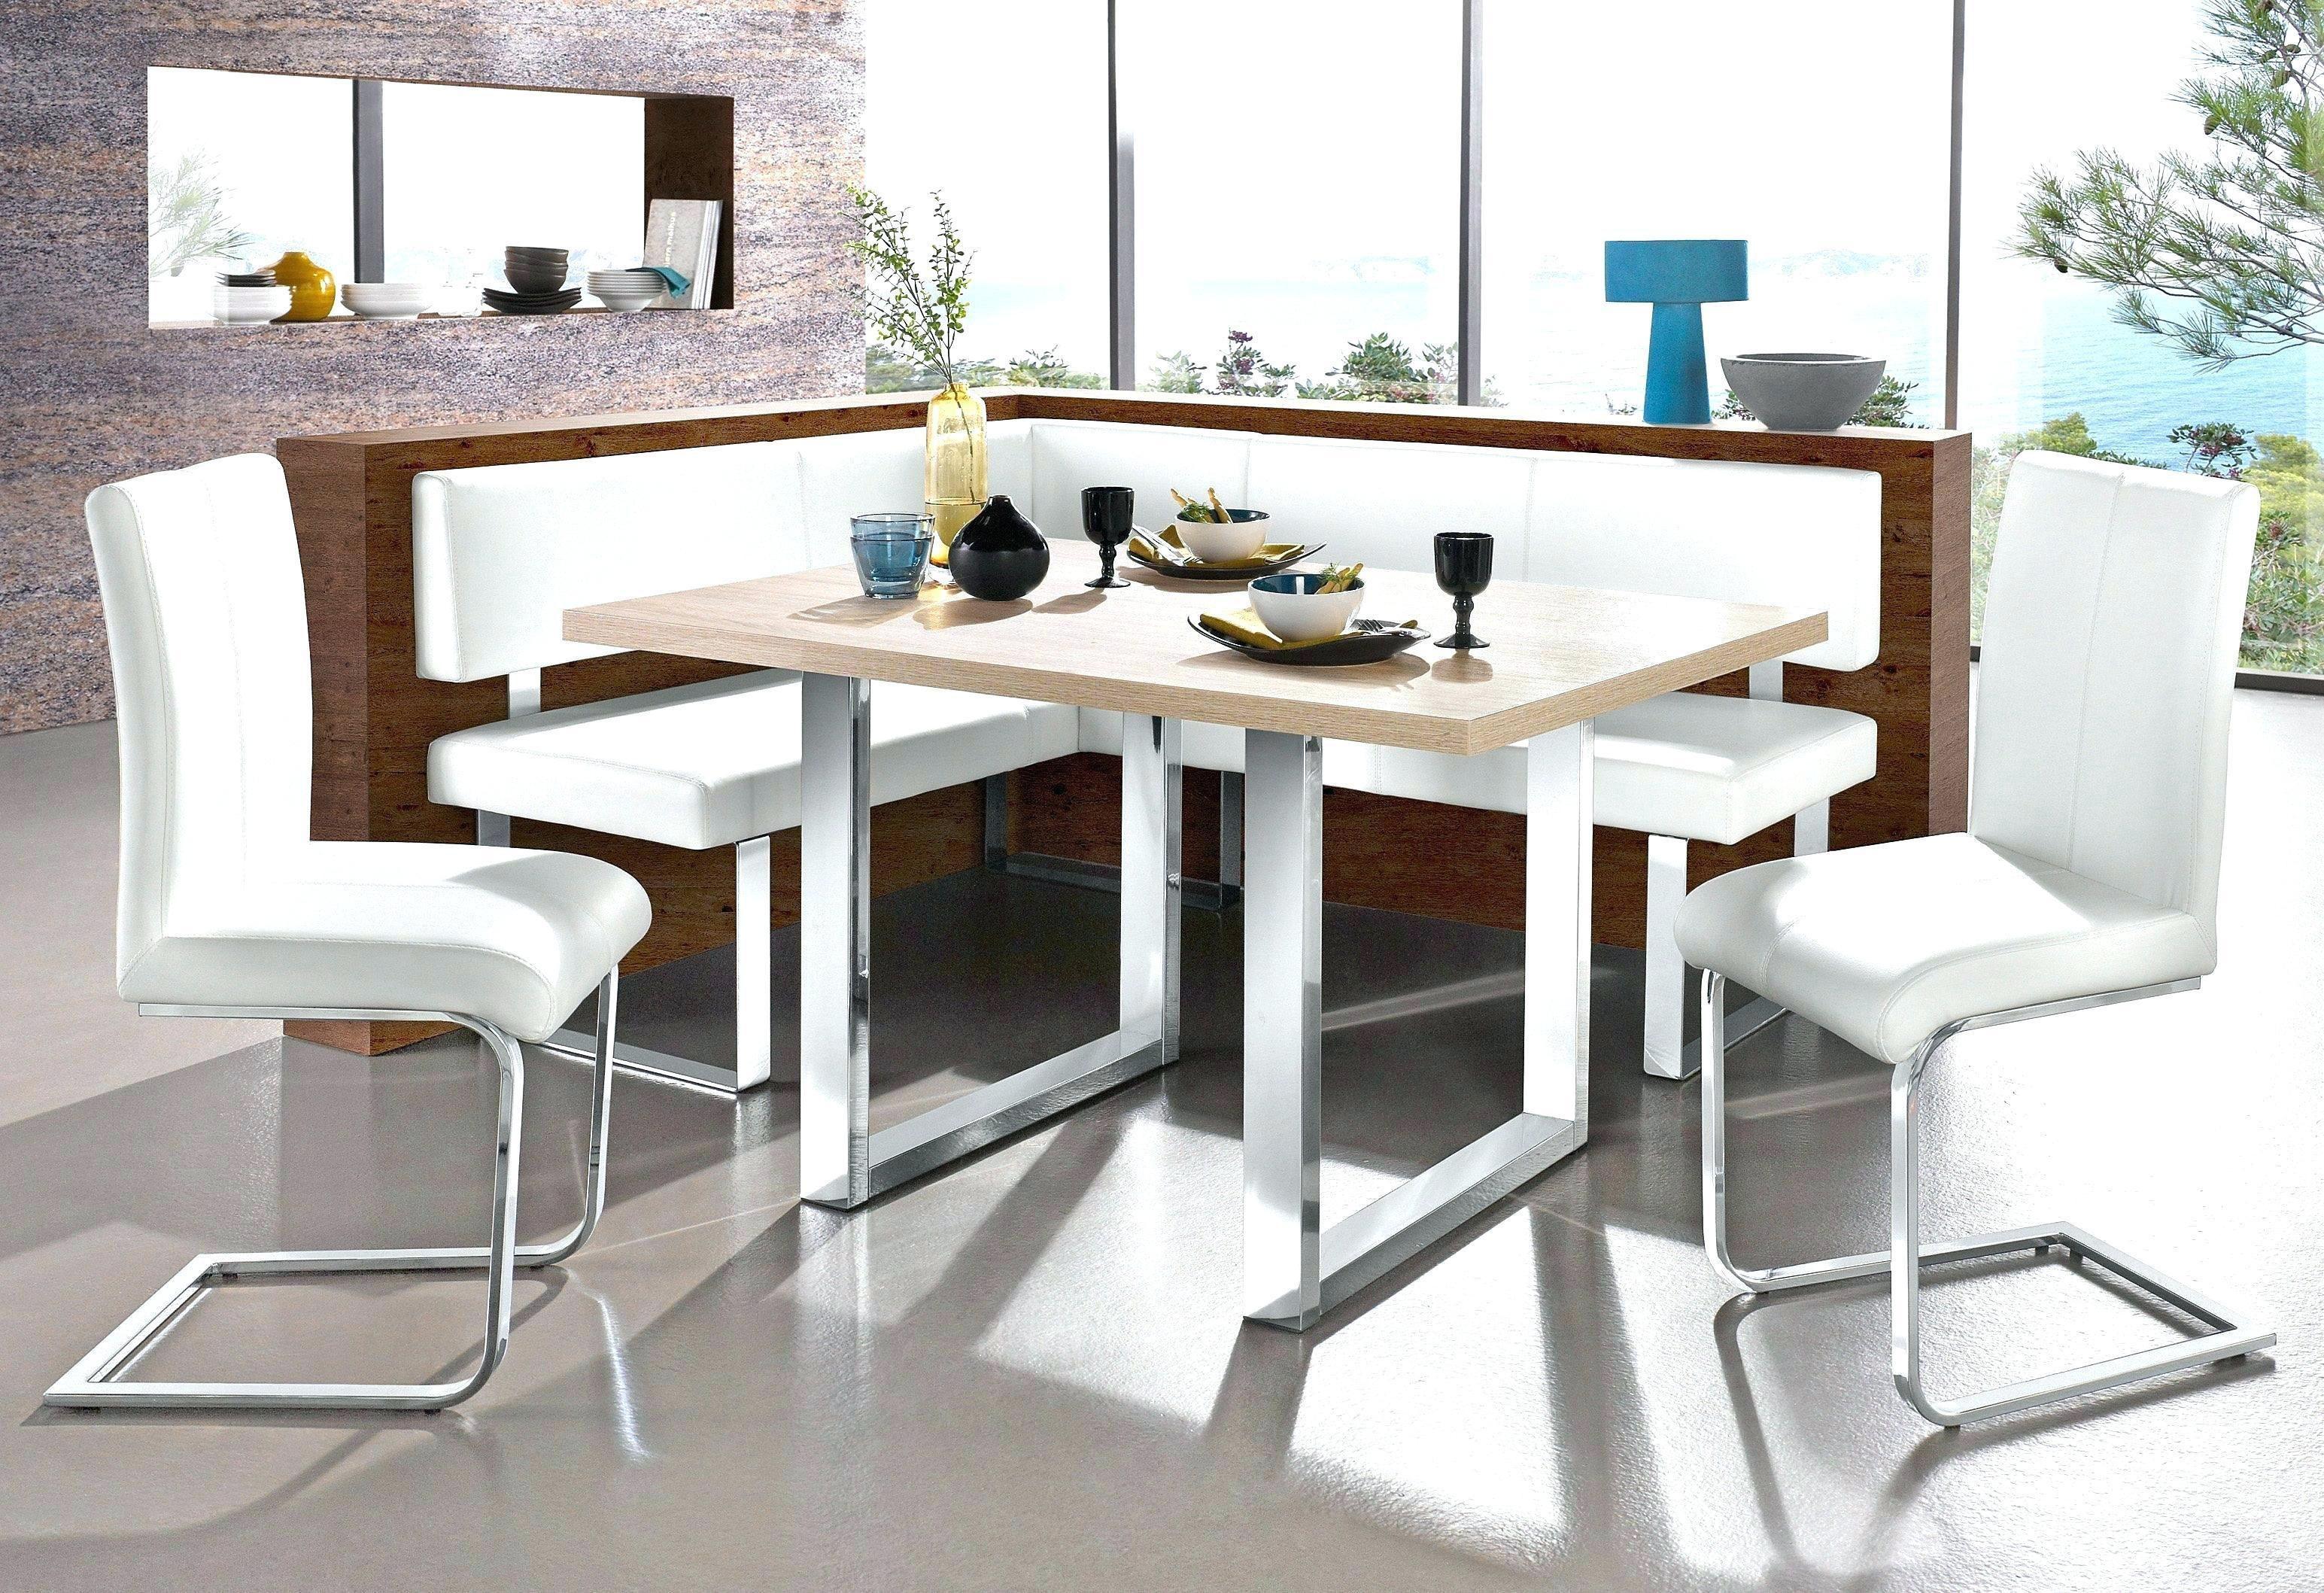 Eckbankgruppe Küche Modern Eckbank Küche Ikea Frisch Eckbank